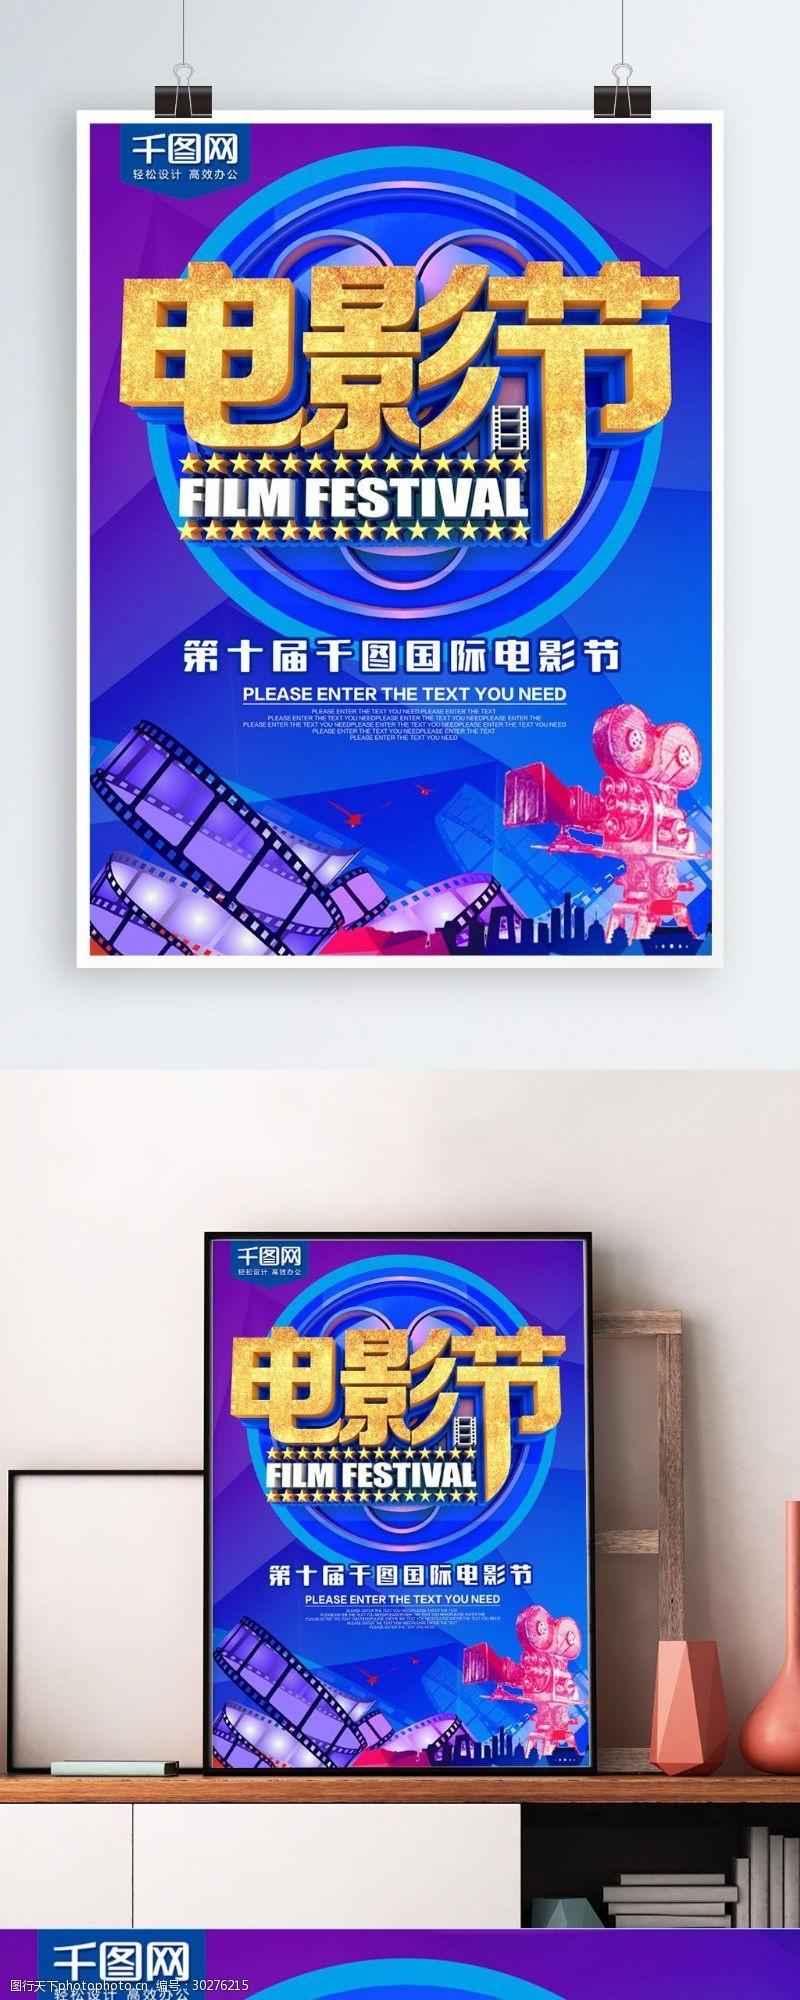 电影元素炫彩电影节海报